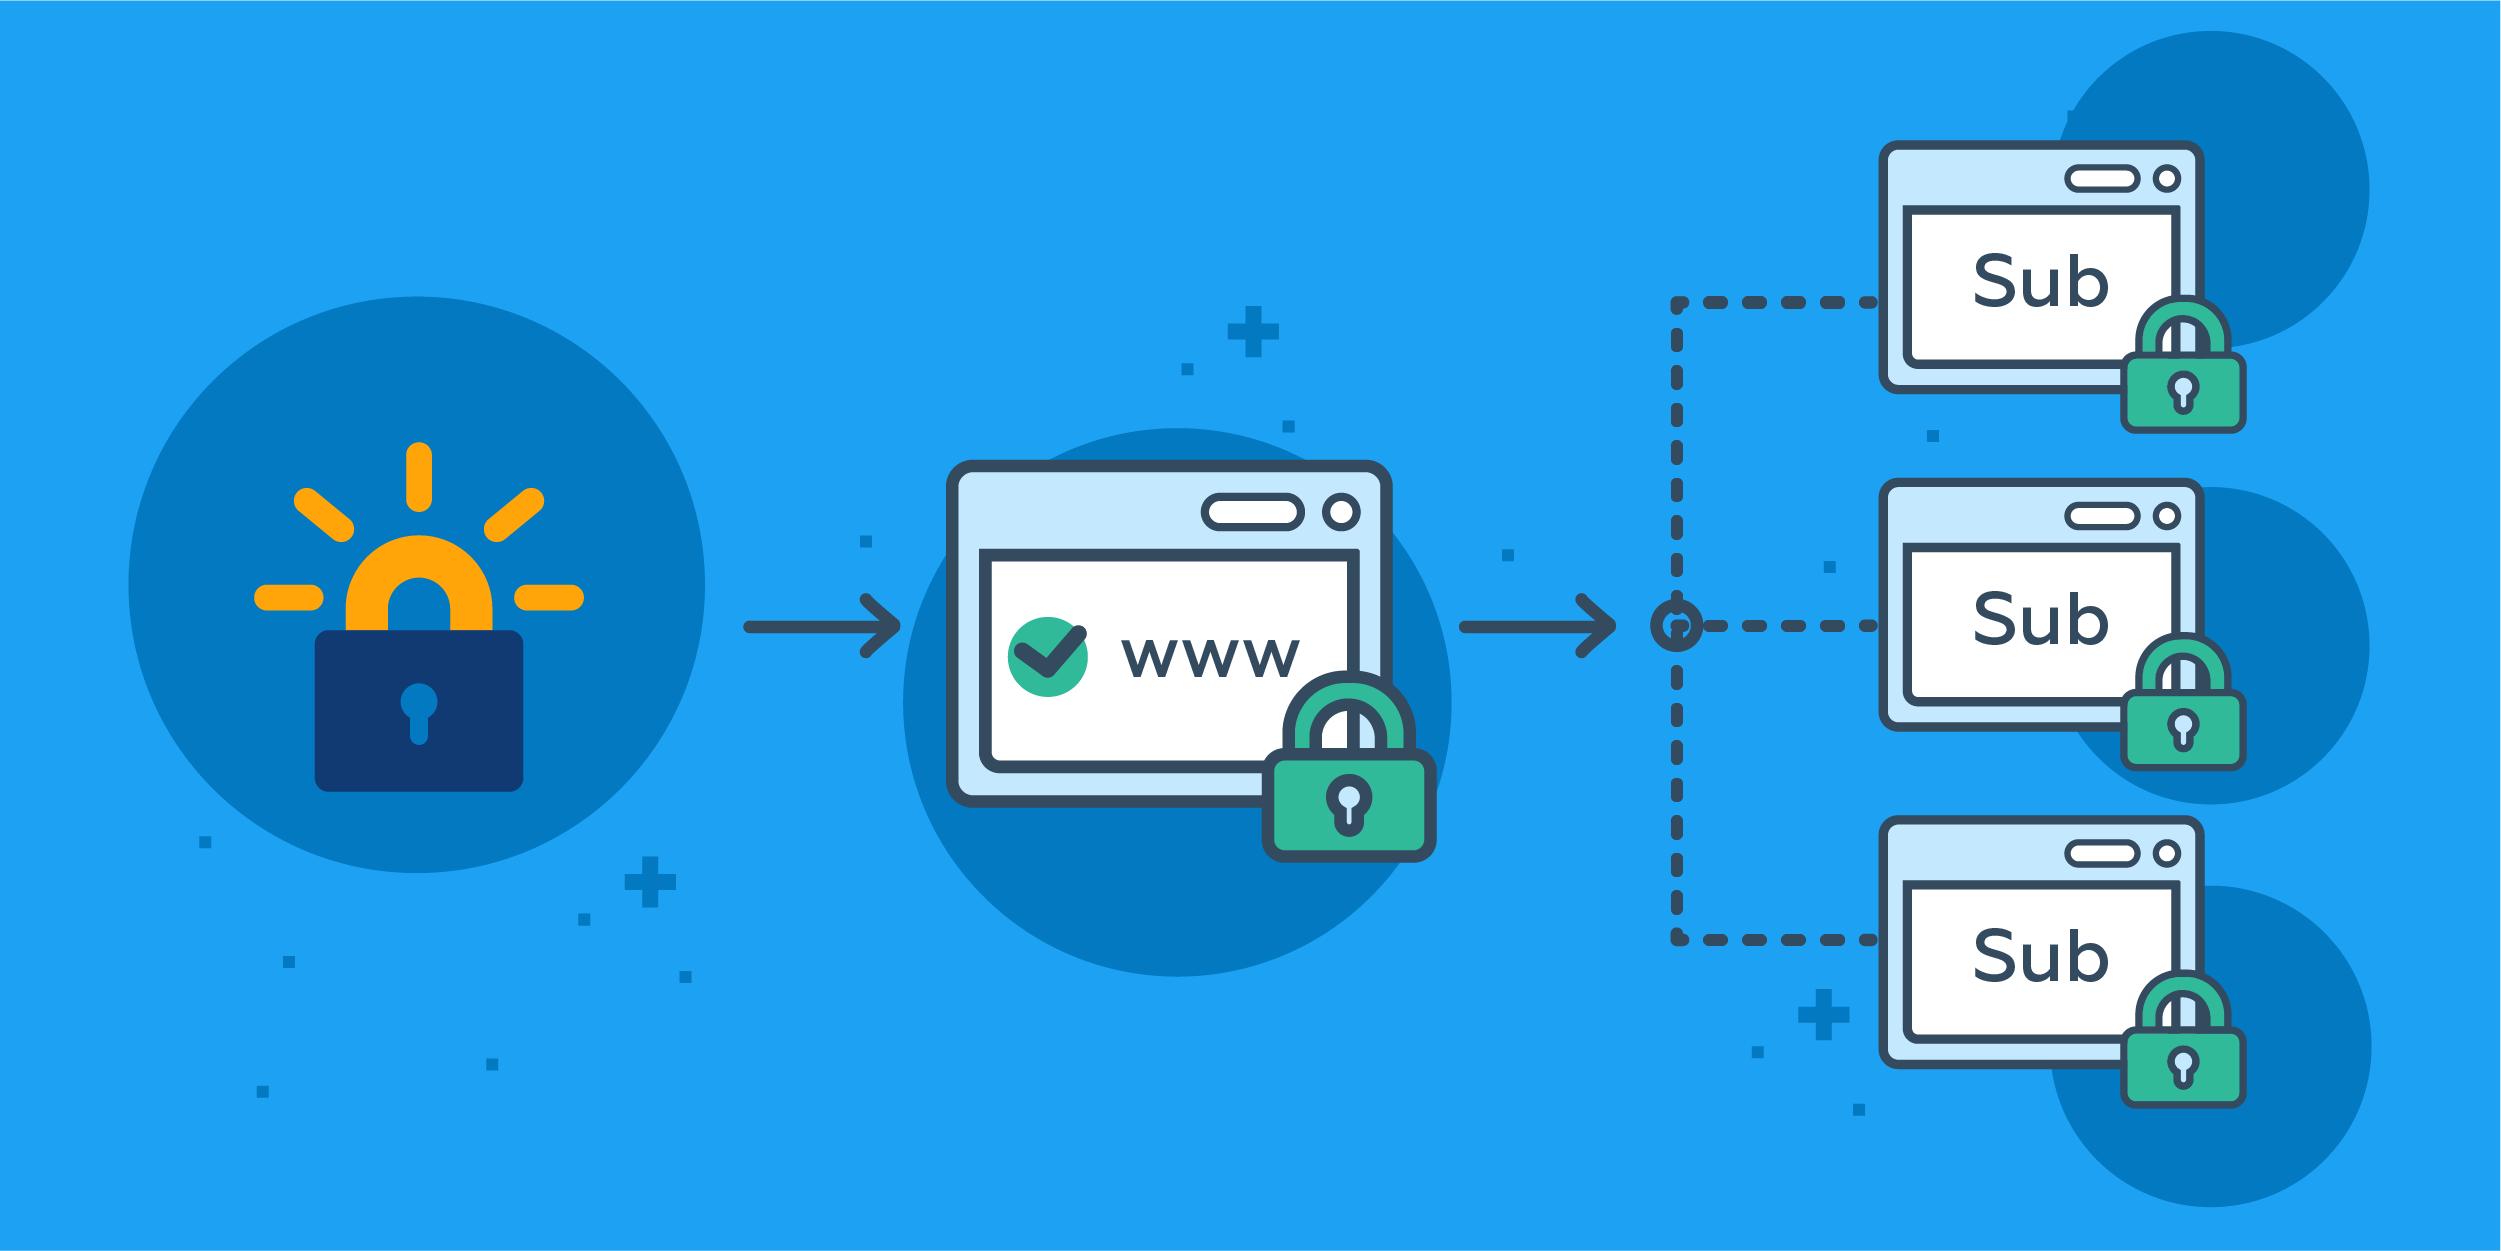 Como obtener un Wildcard SSL de Let's Encrypt